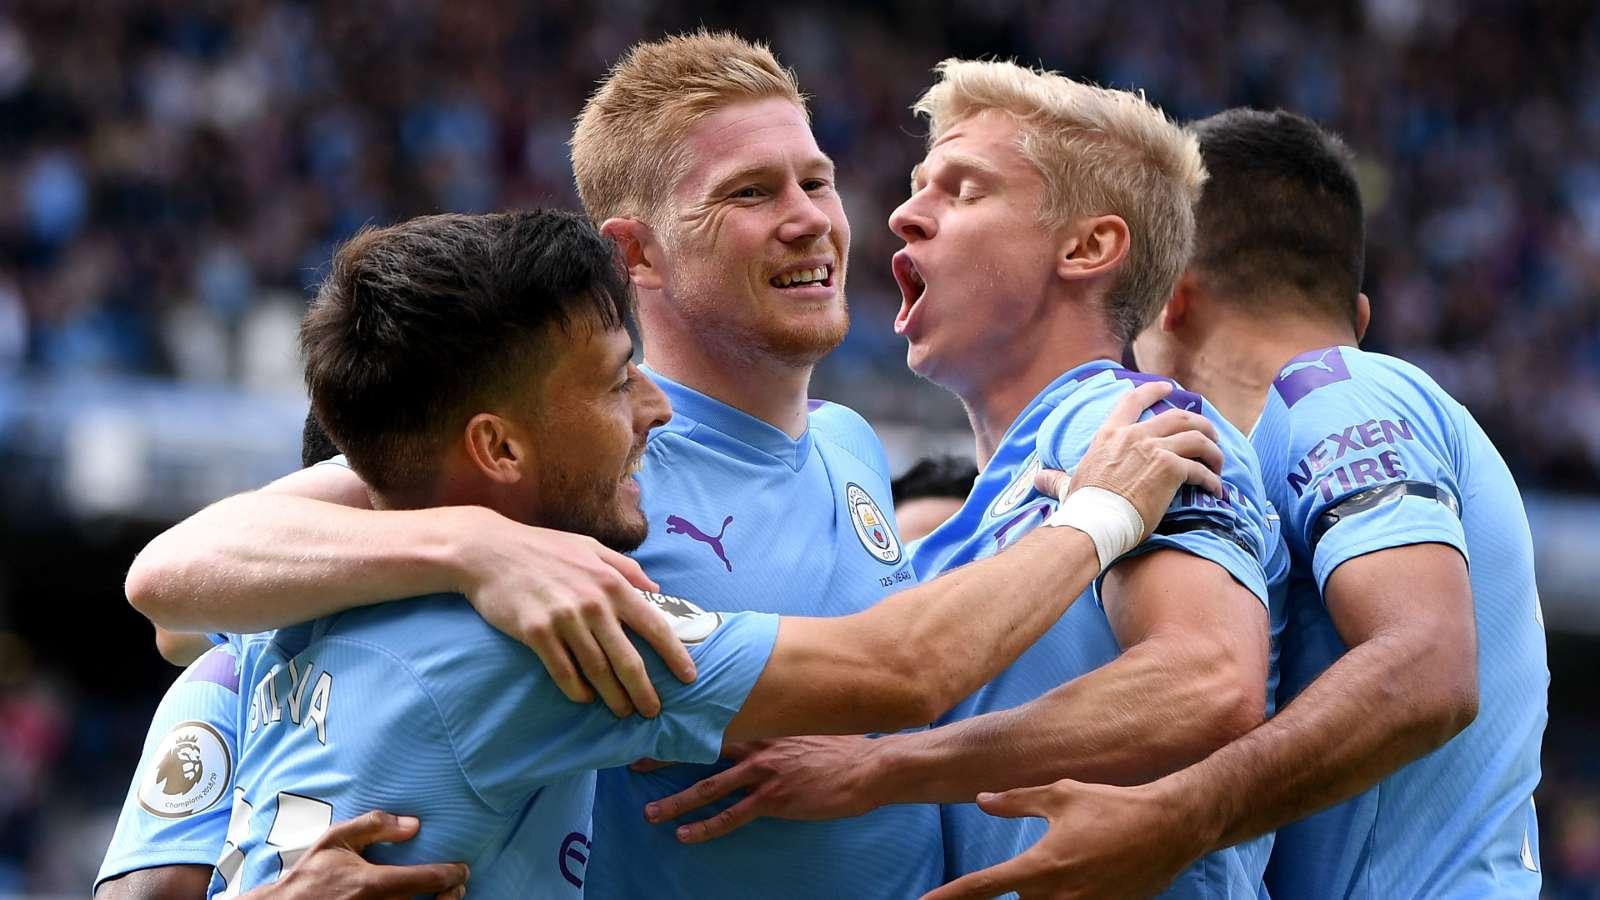 卡拉格:曼城最有可能拿本赛季英超冠军,利物浦也有机会